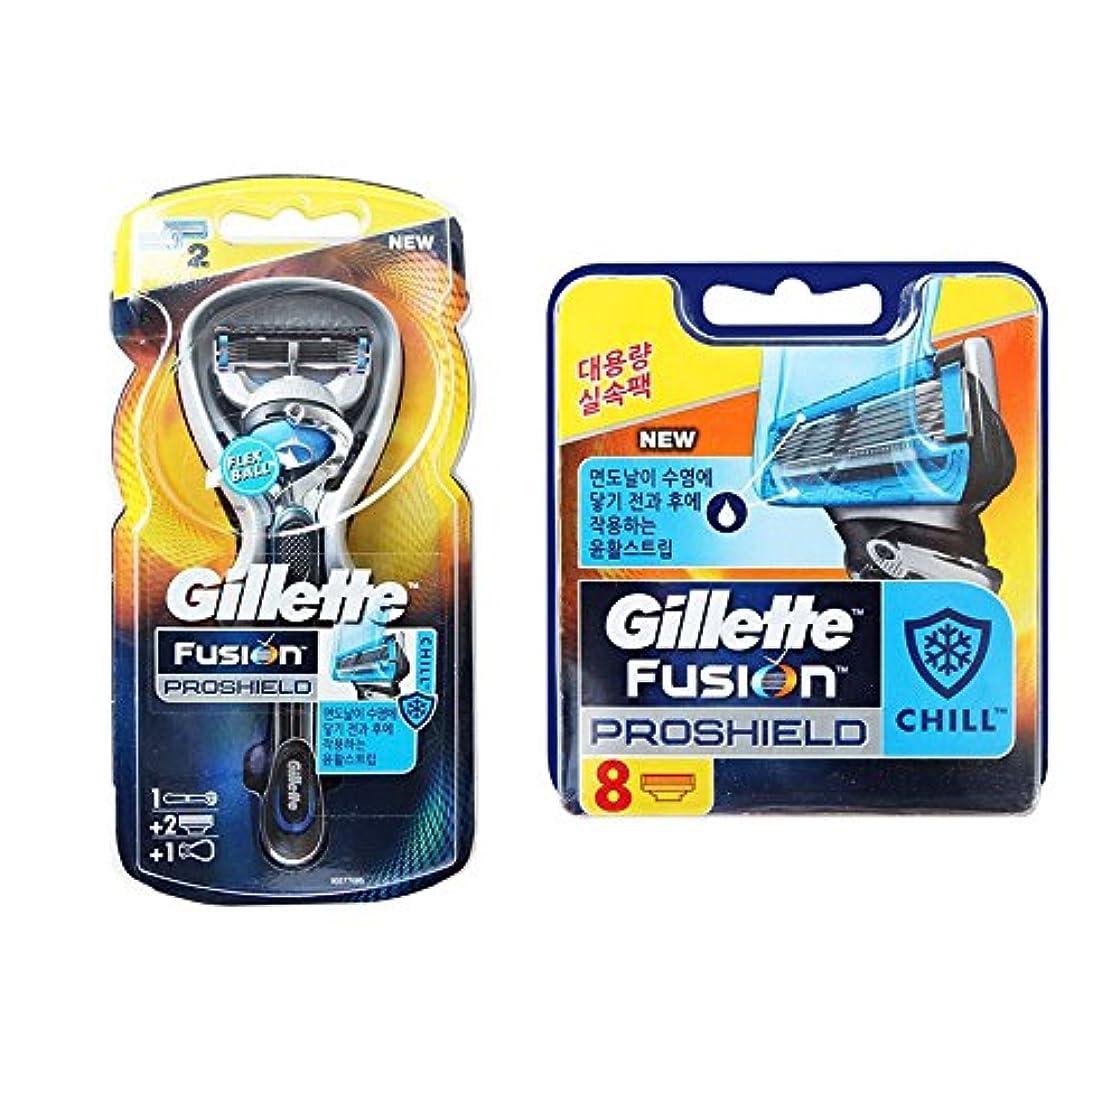 銅タクシー不適切なGillette Fusion Proshield Chill Blue 1本の剃刀と10本の剃刀刃 [並行輸入品]